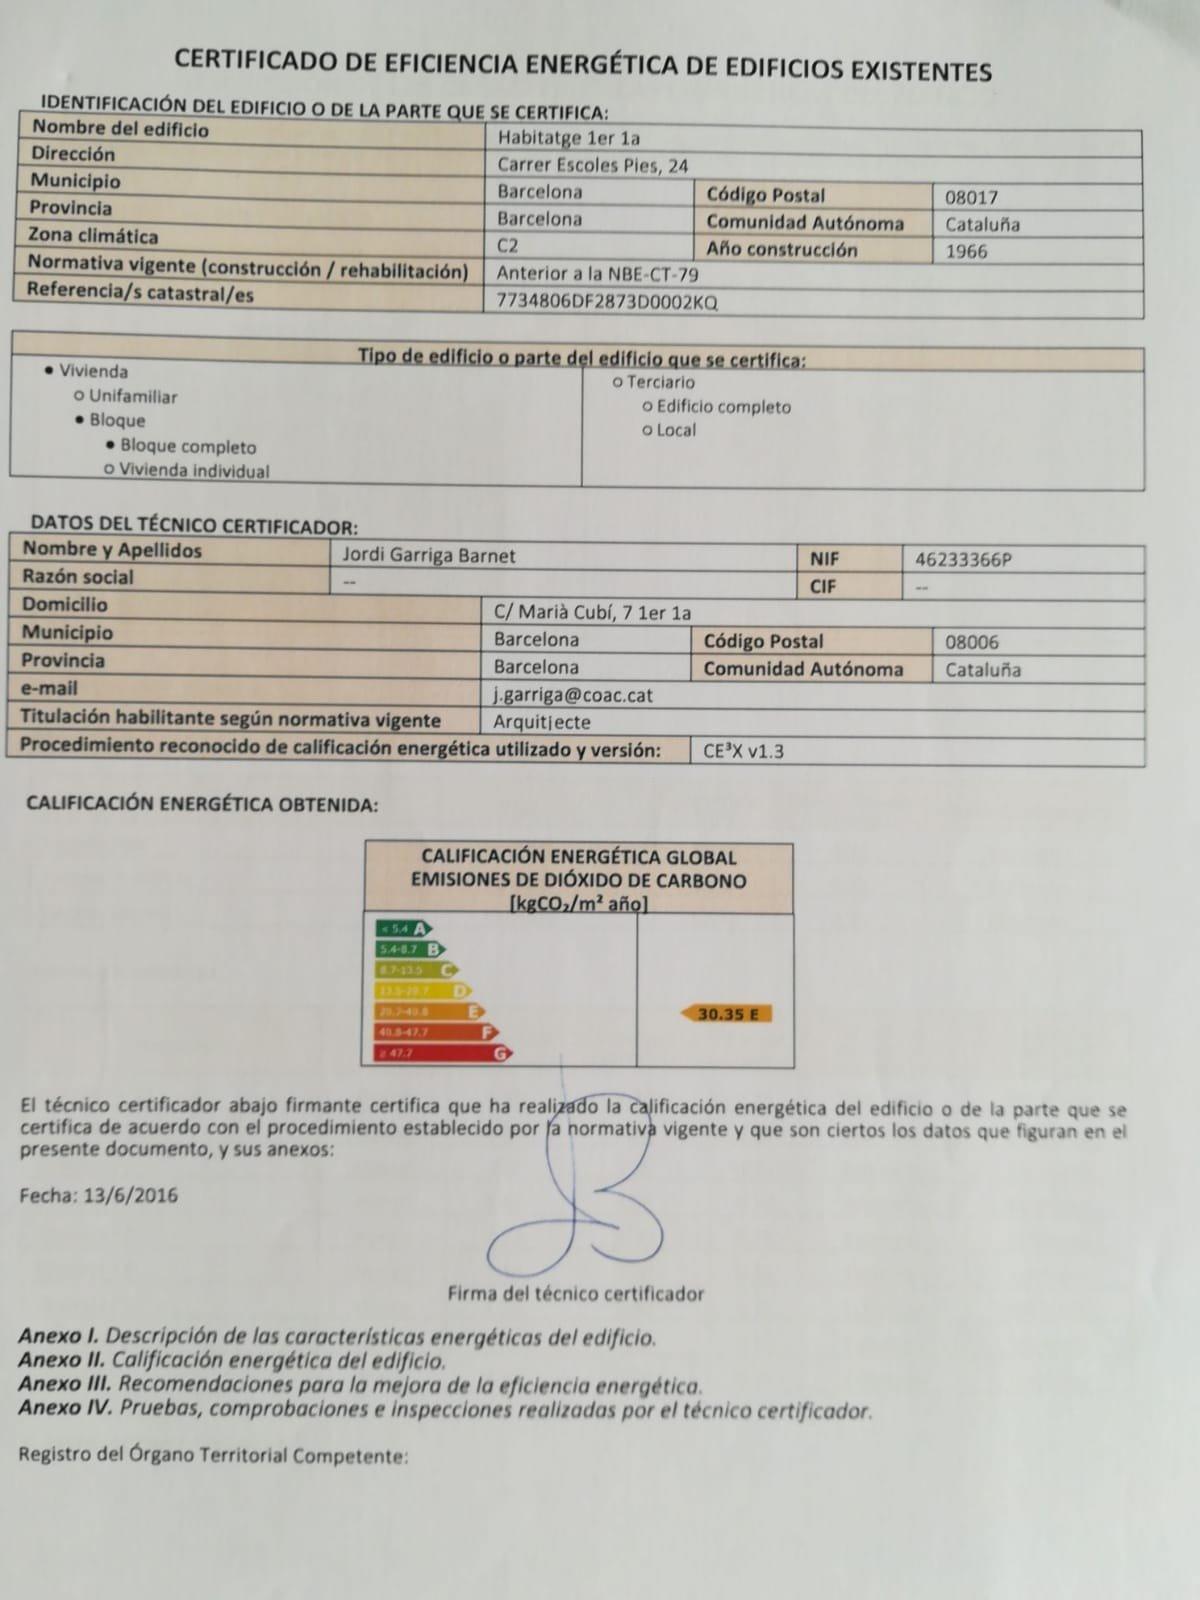 Pisos - tu776lg